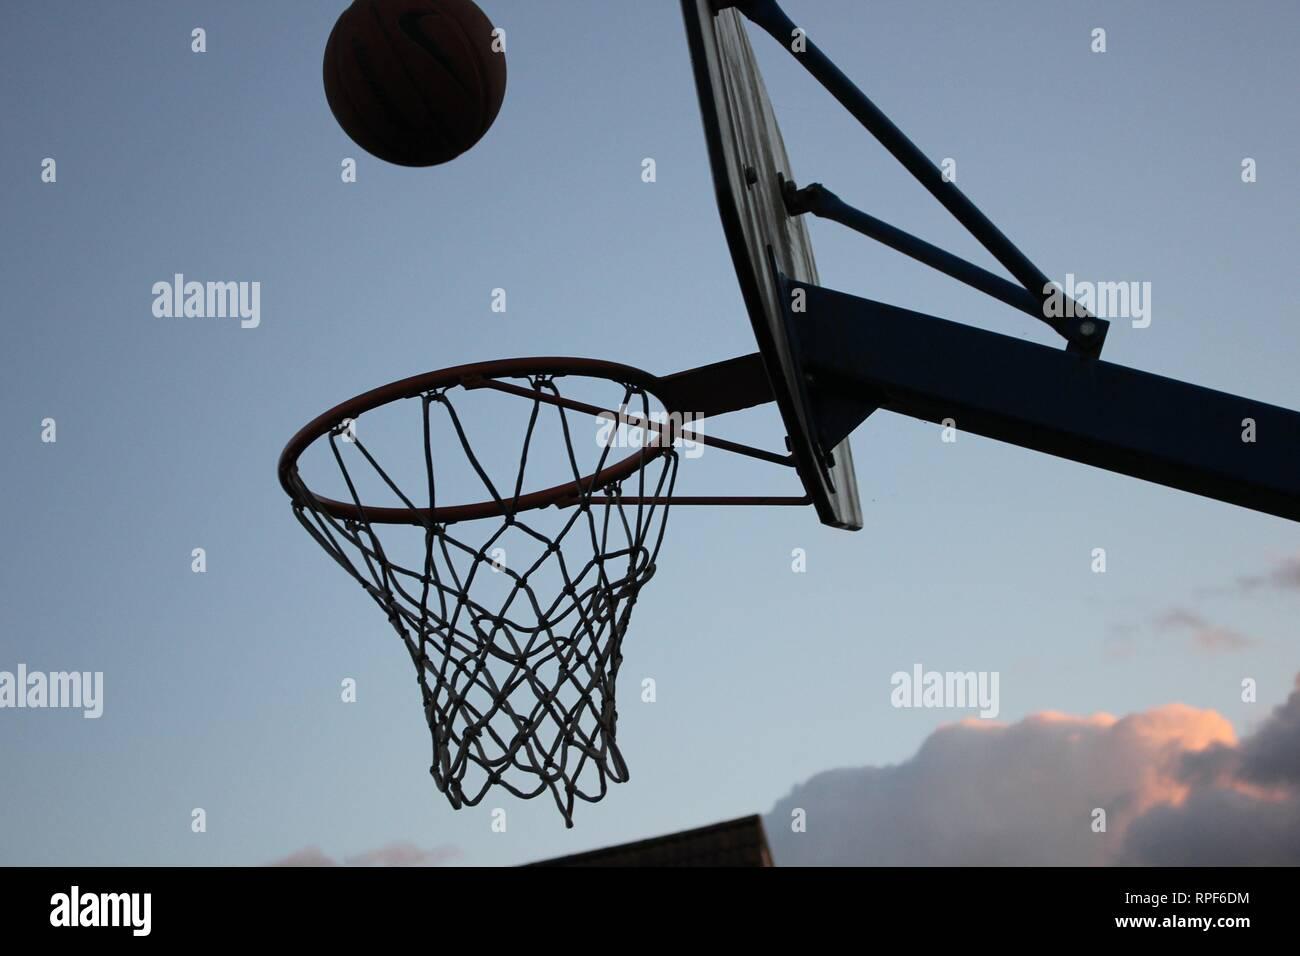 Basketball - Stock Image